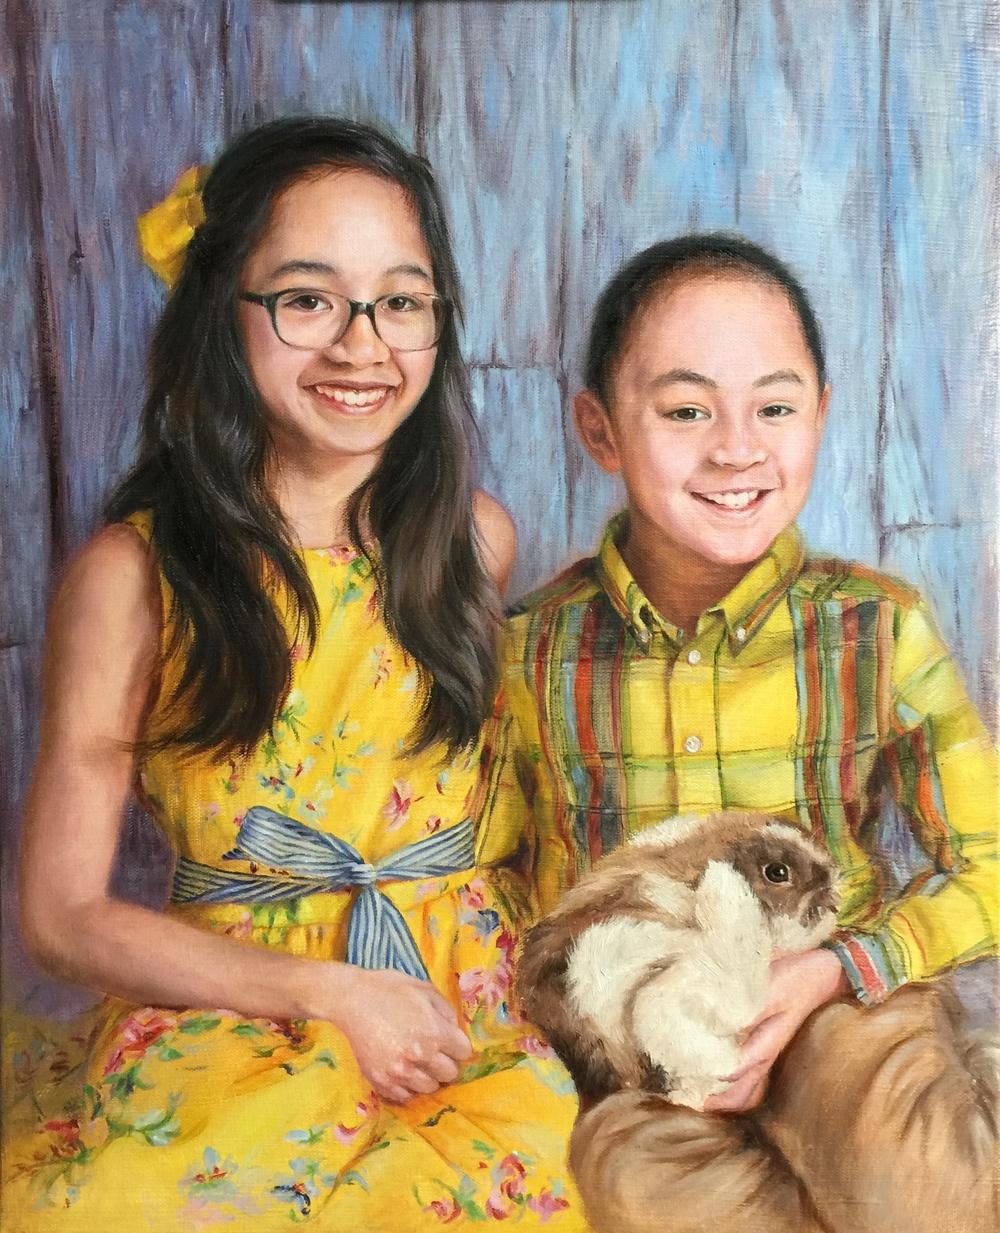 Jianna & Jio